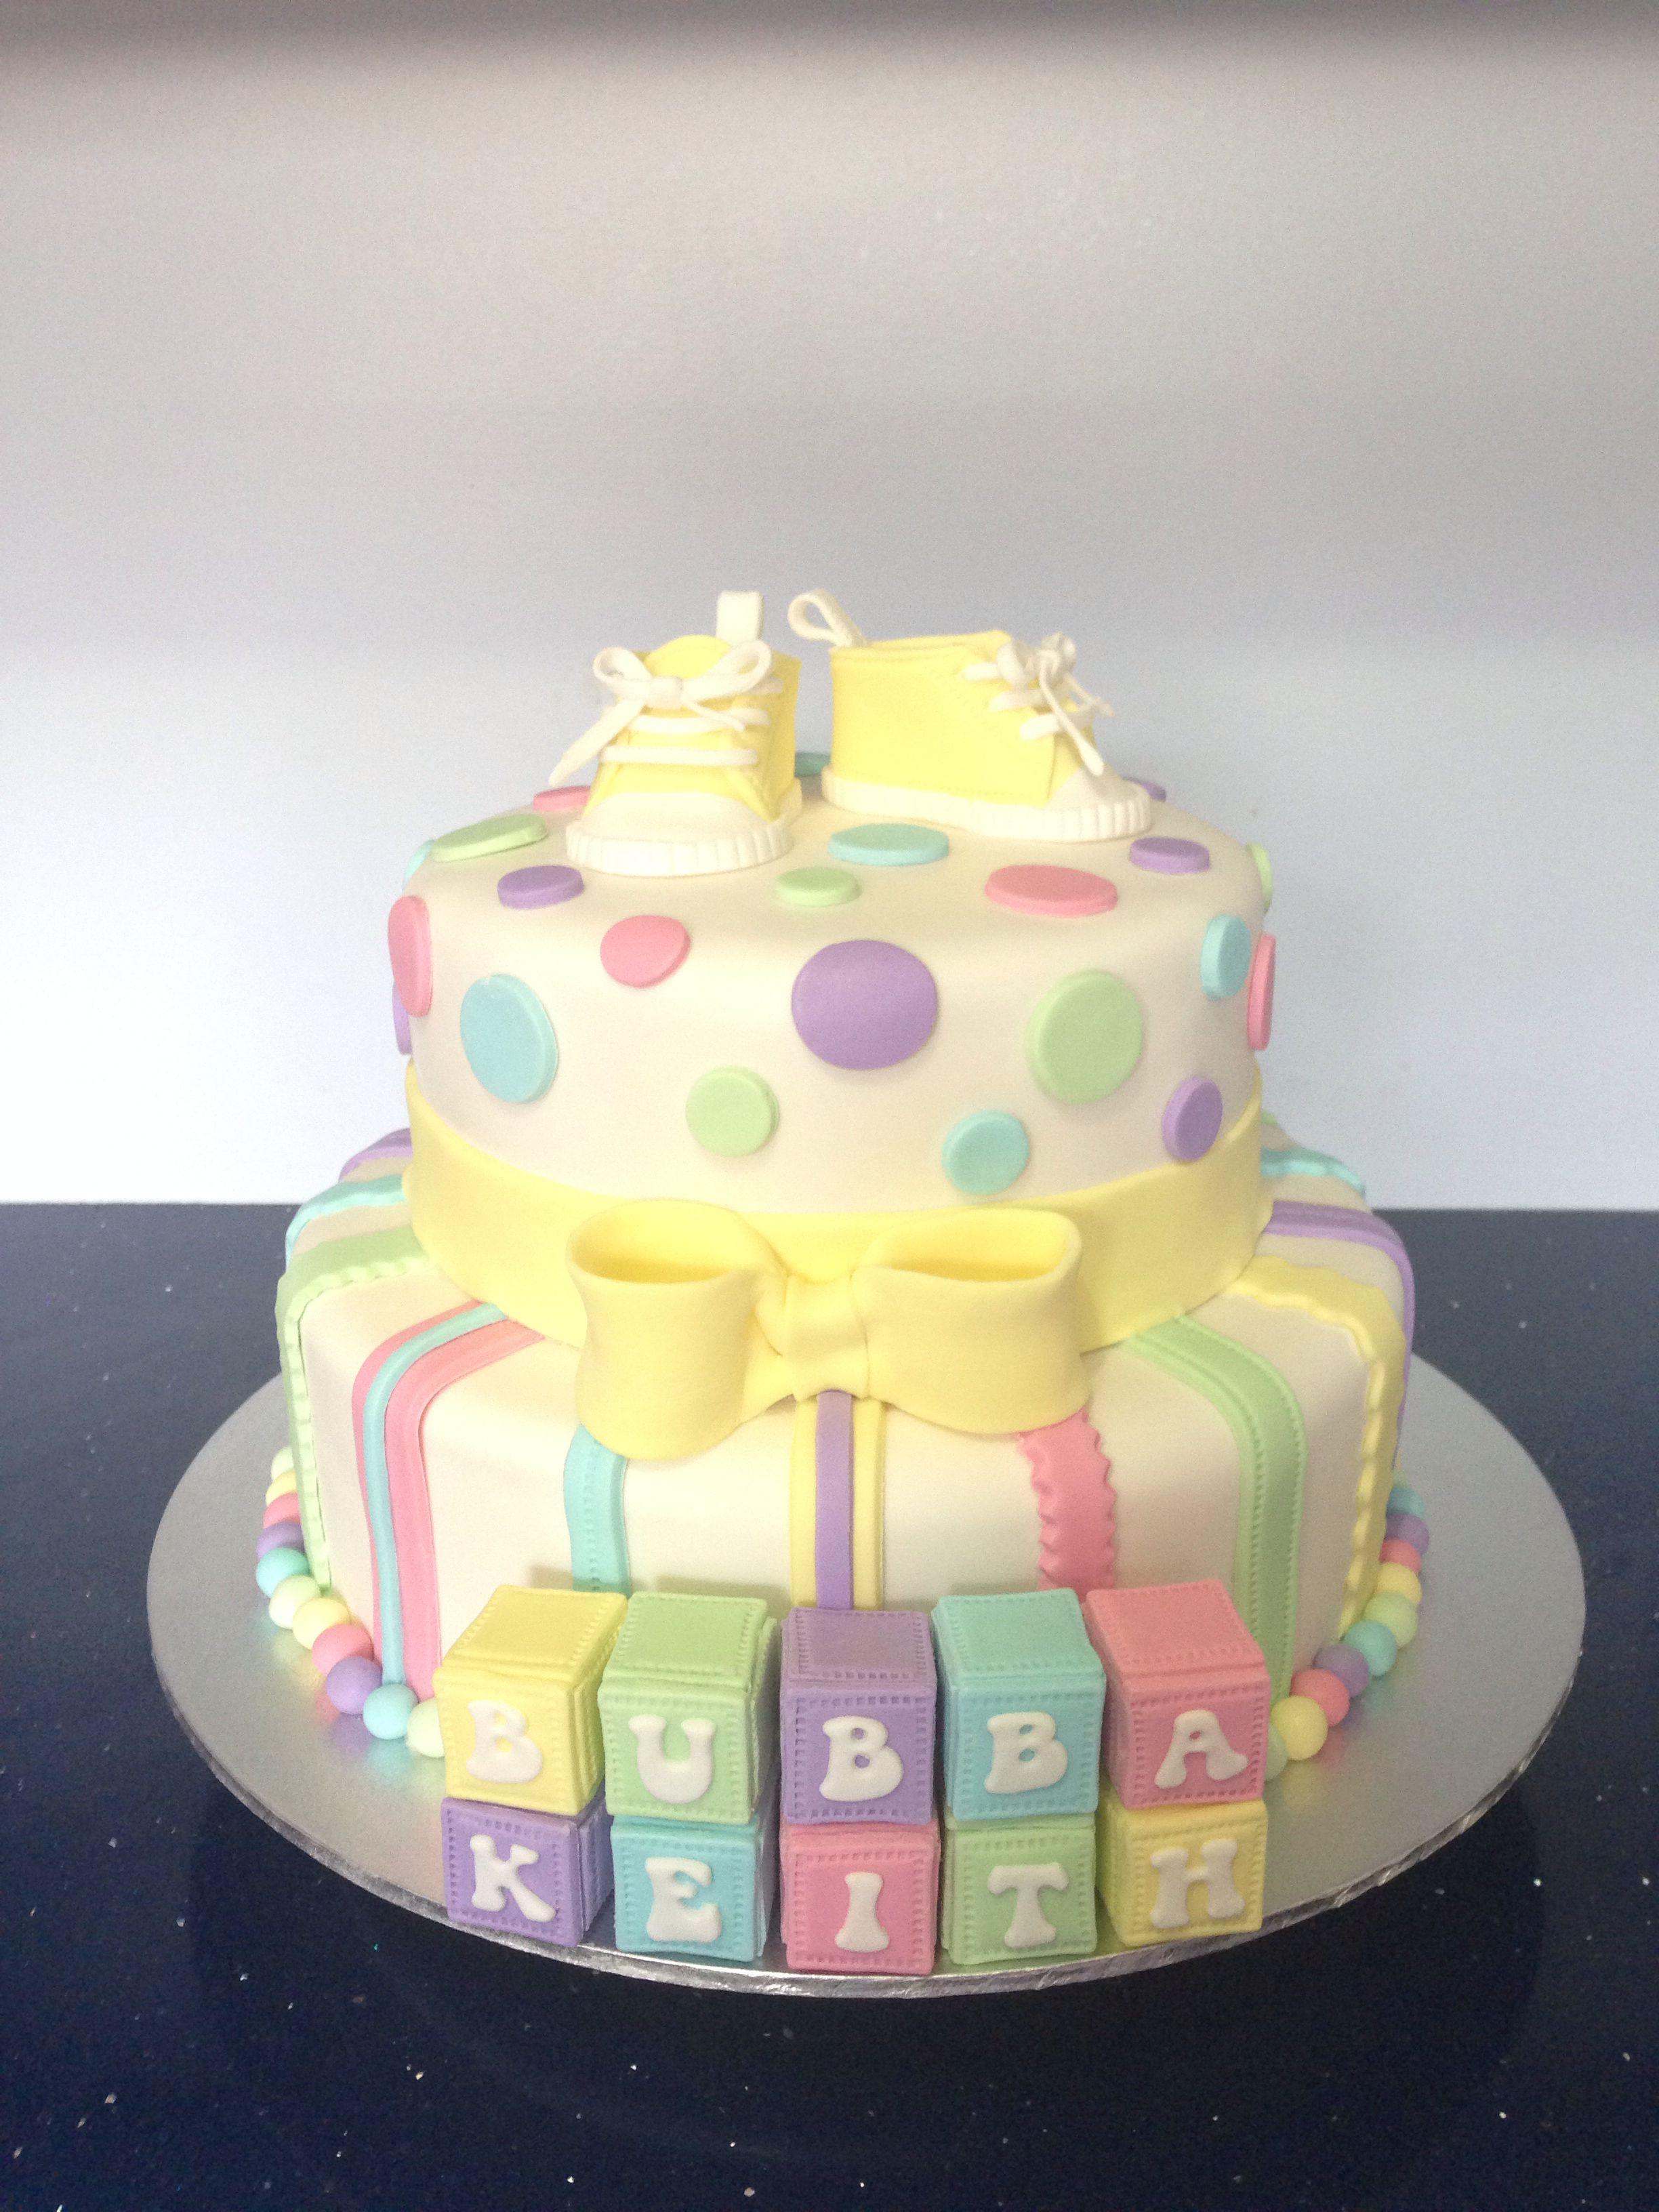 Unisex Cake Ideas : unisex, ideas, Decorating, Unisex, Shower, Cakes,, Cakes, Neutral,